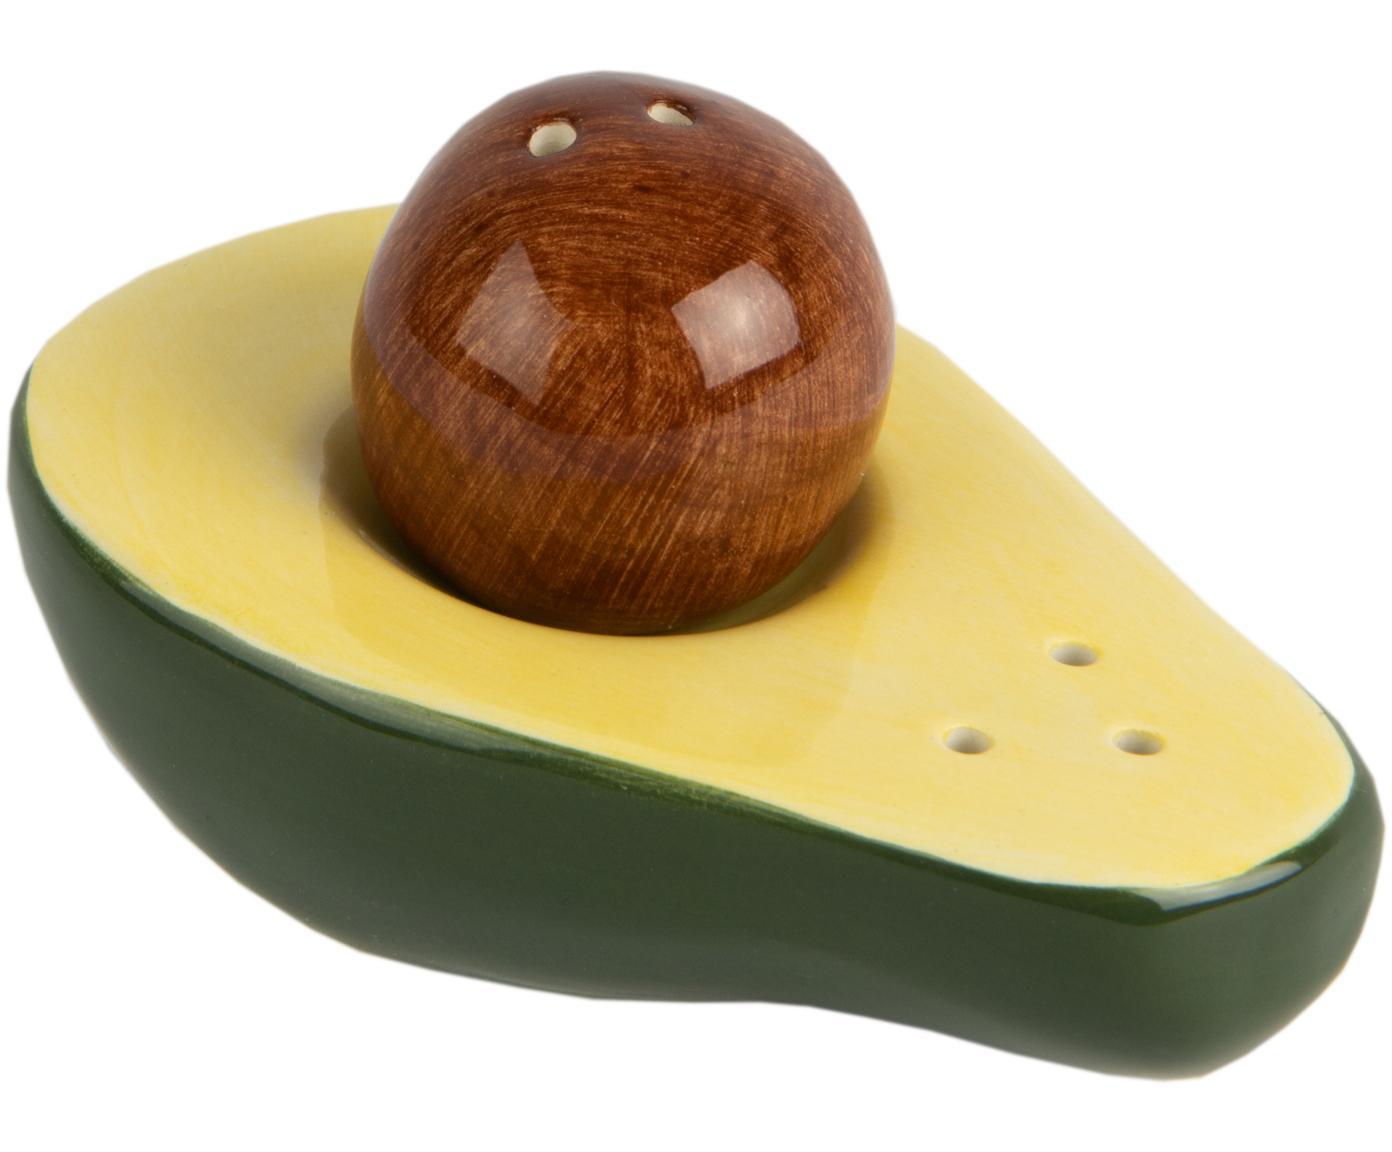 Solniczka i pieprzniczka Avocado, Porcelana, Zielony, żółty, brązowy, S 9 x W 5 cm